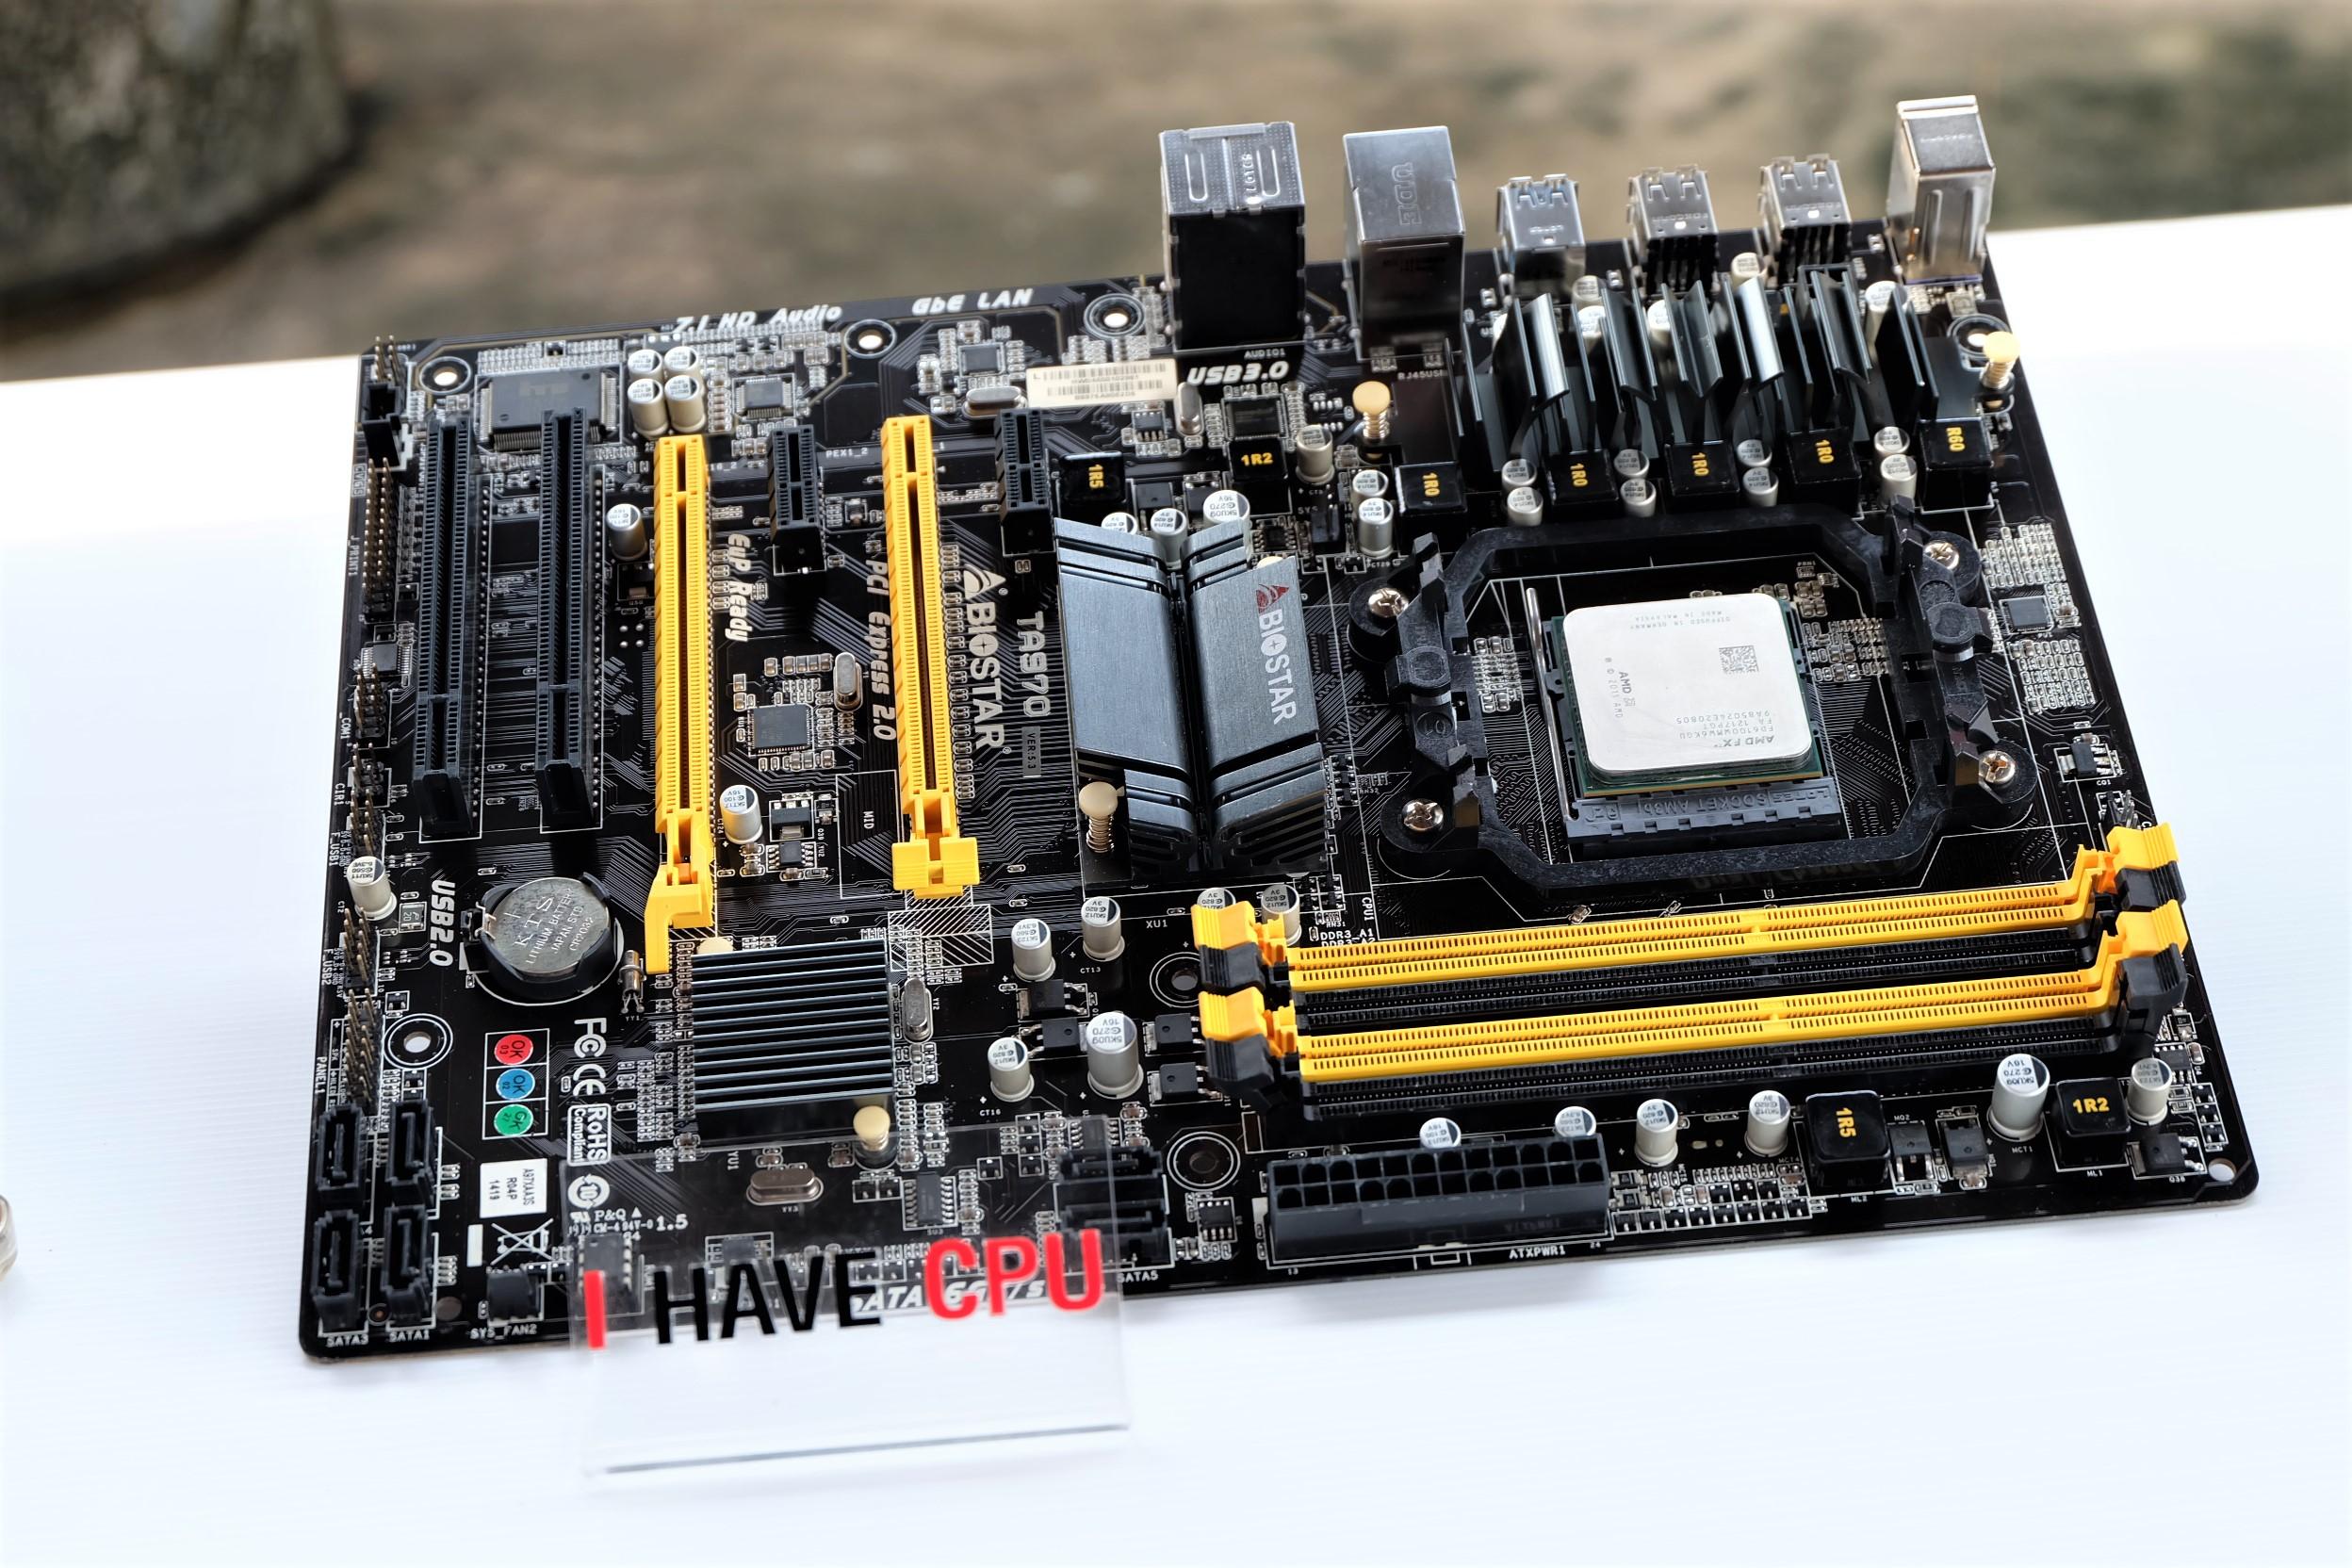 AMD FX-4100/FX-4300/FX-6100 / FX-6300 / FX-8300 + BIOSTAR TA970